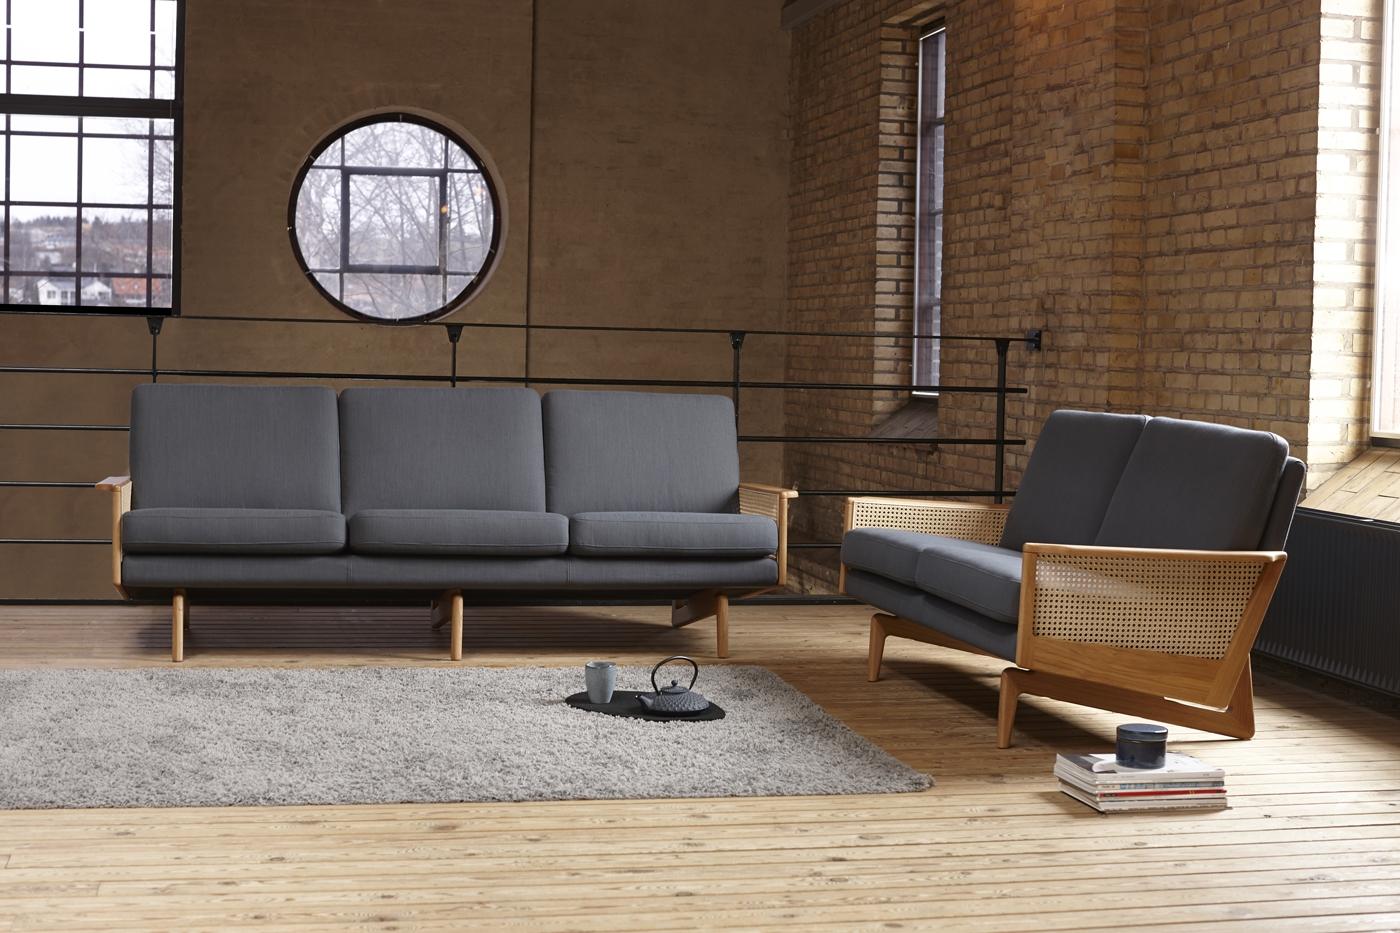 Sofa EgsmarkCANEWEBBING - Sofá de elegante diseño. Características modernas en formas clásicas y encantadoras